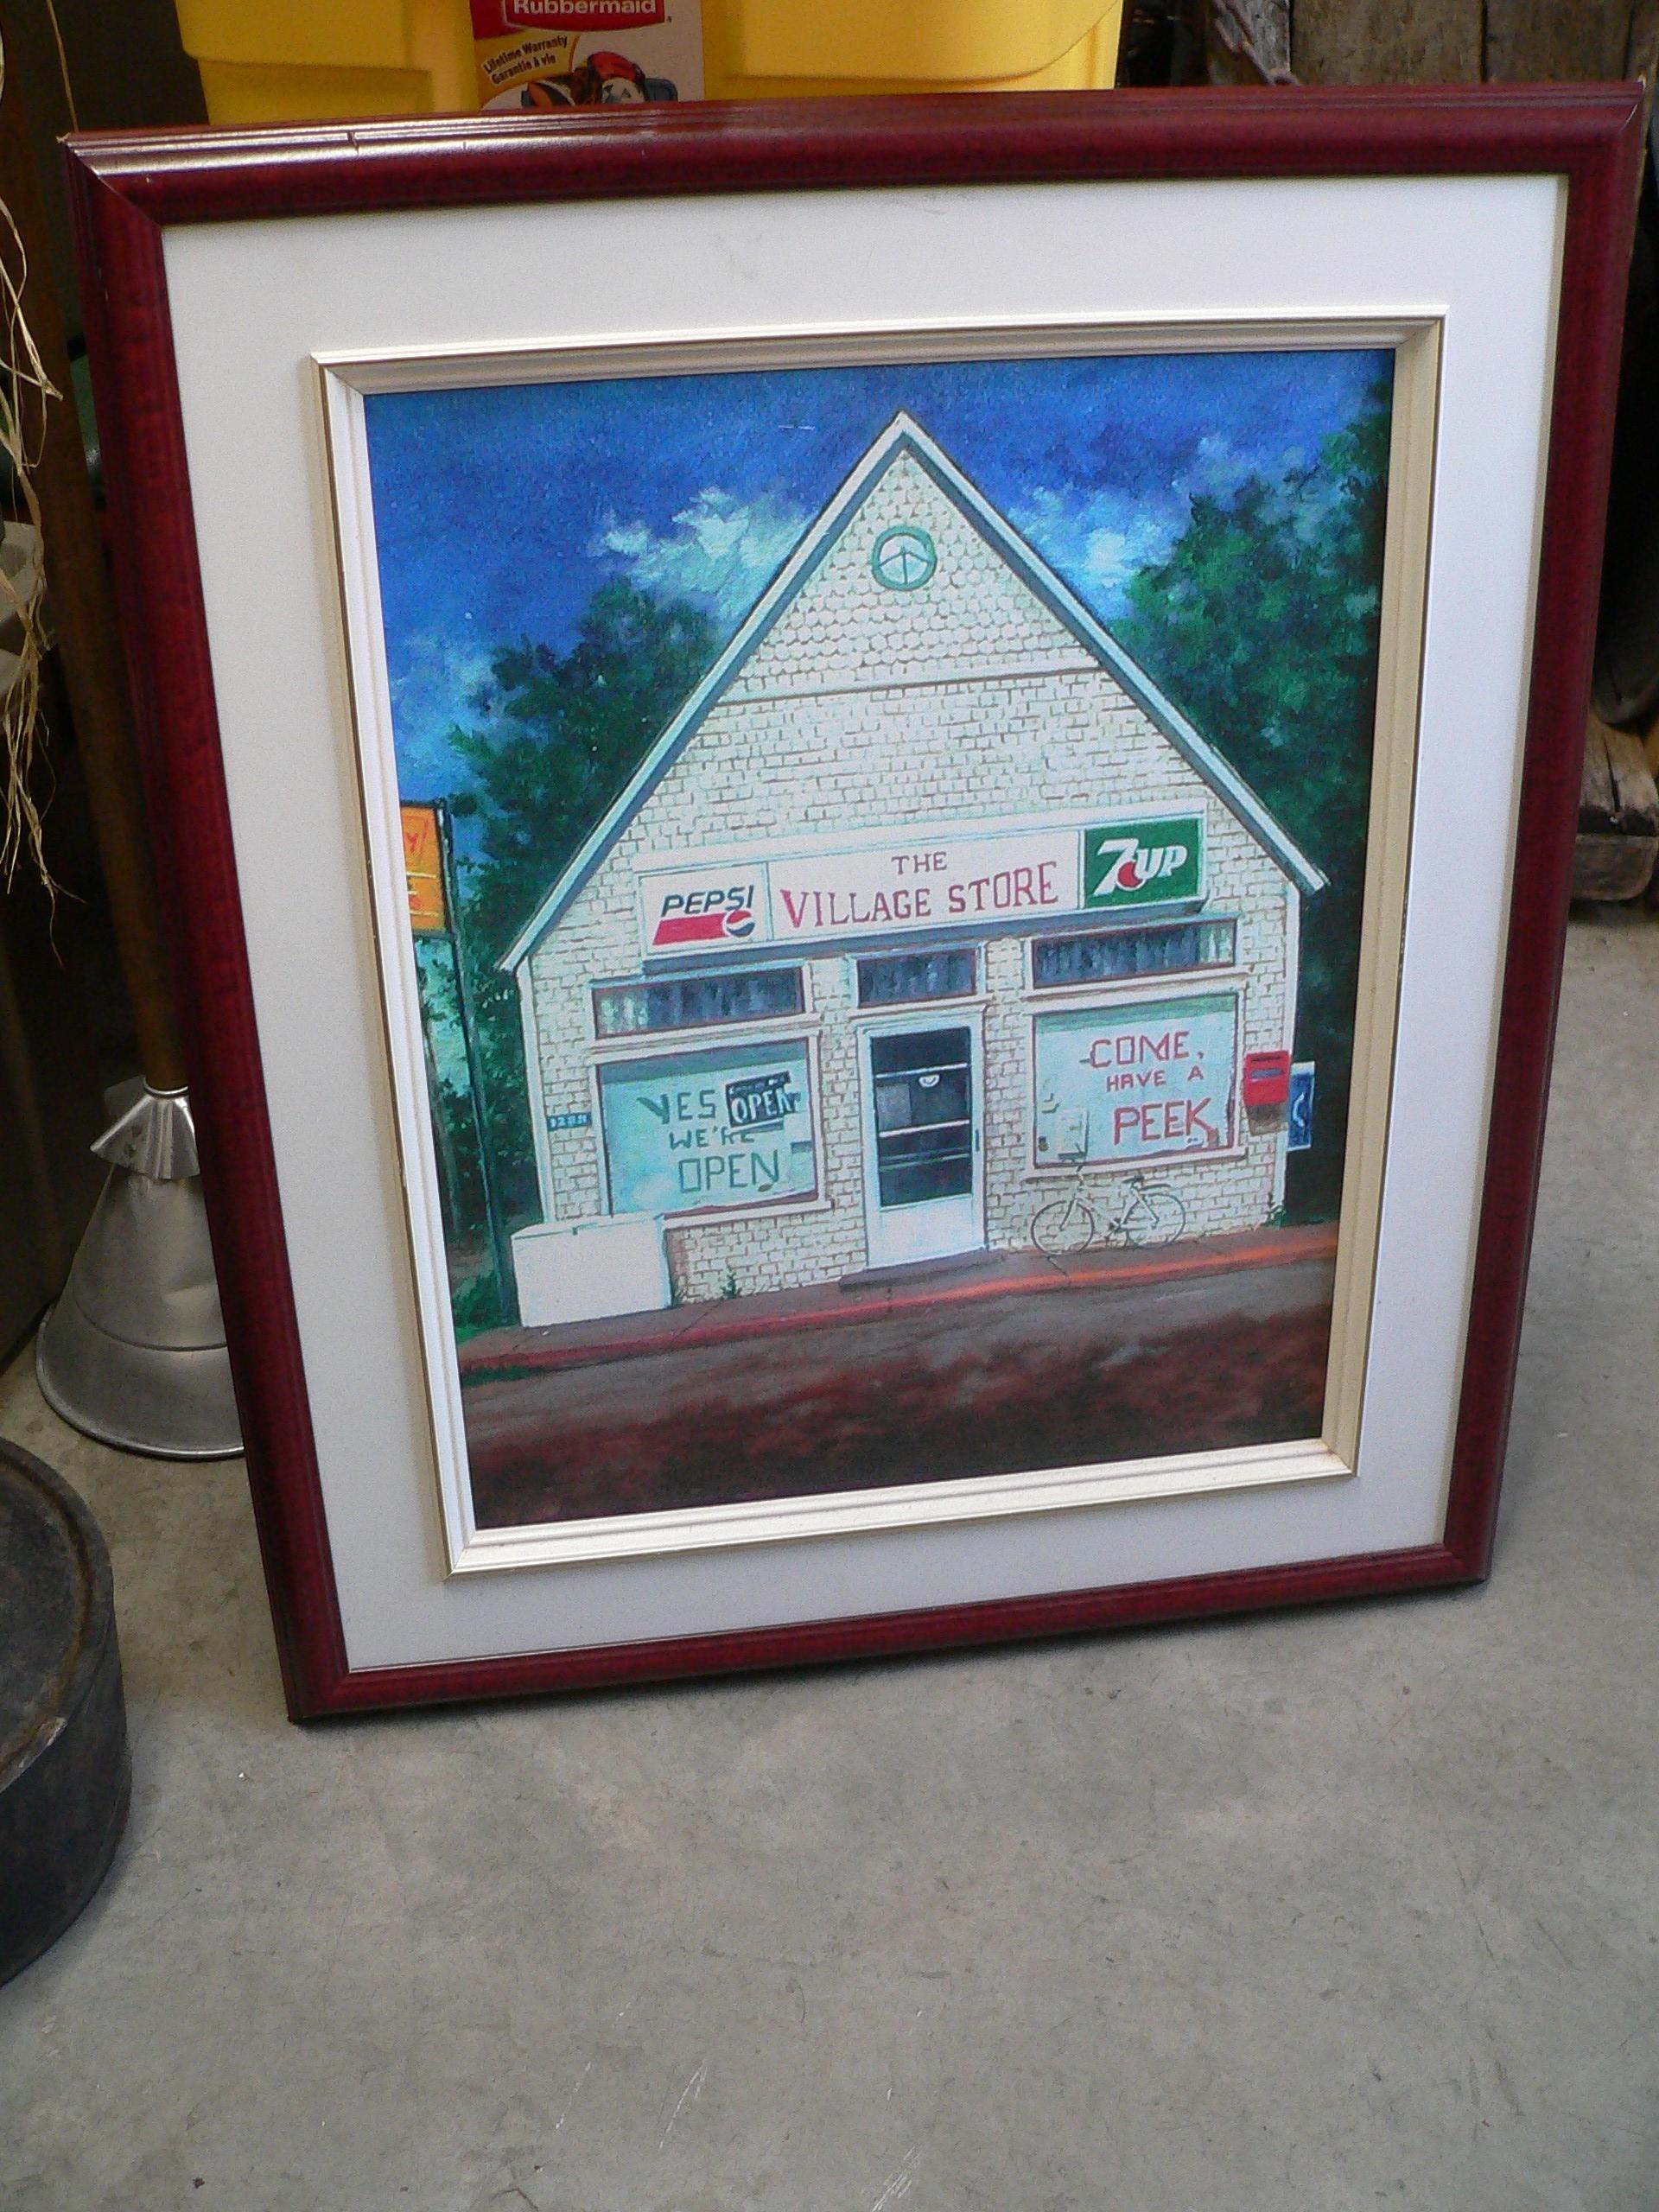 Peinture d'un magasin avec publicité pepsi et 7 up # 7209